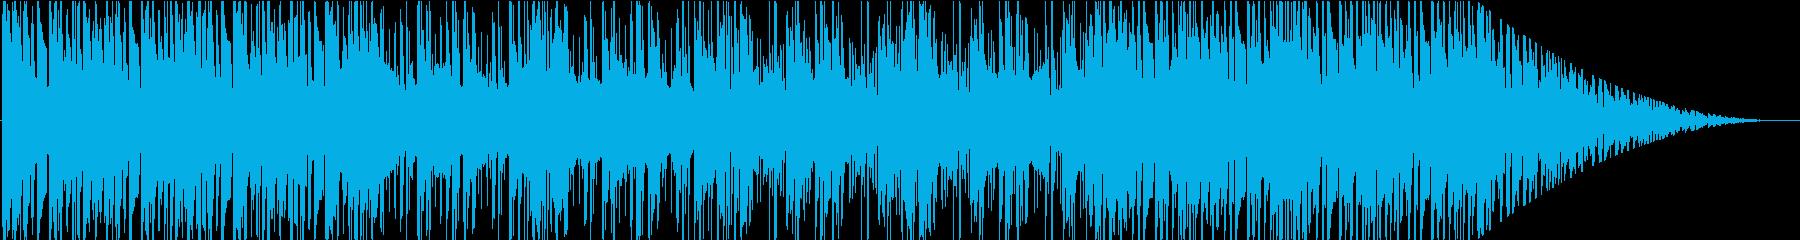 暗がりを歩く様なローファイBGMの再生済みの波形